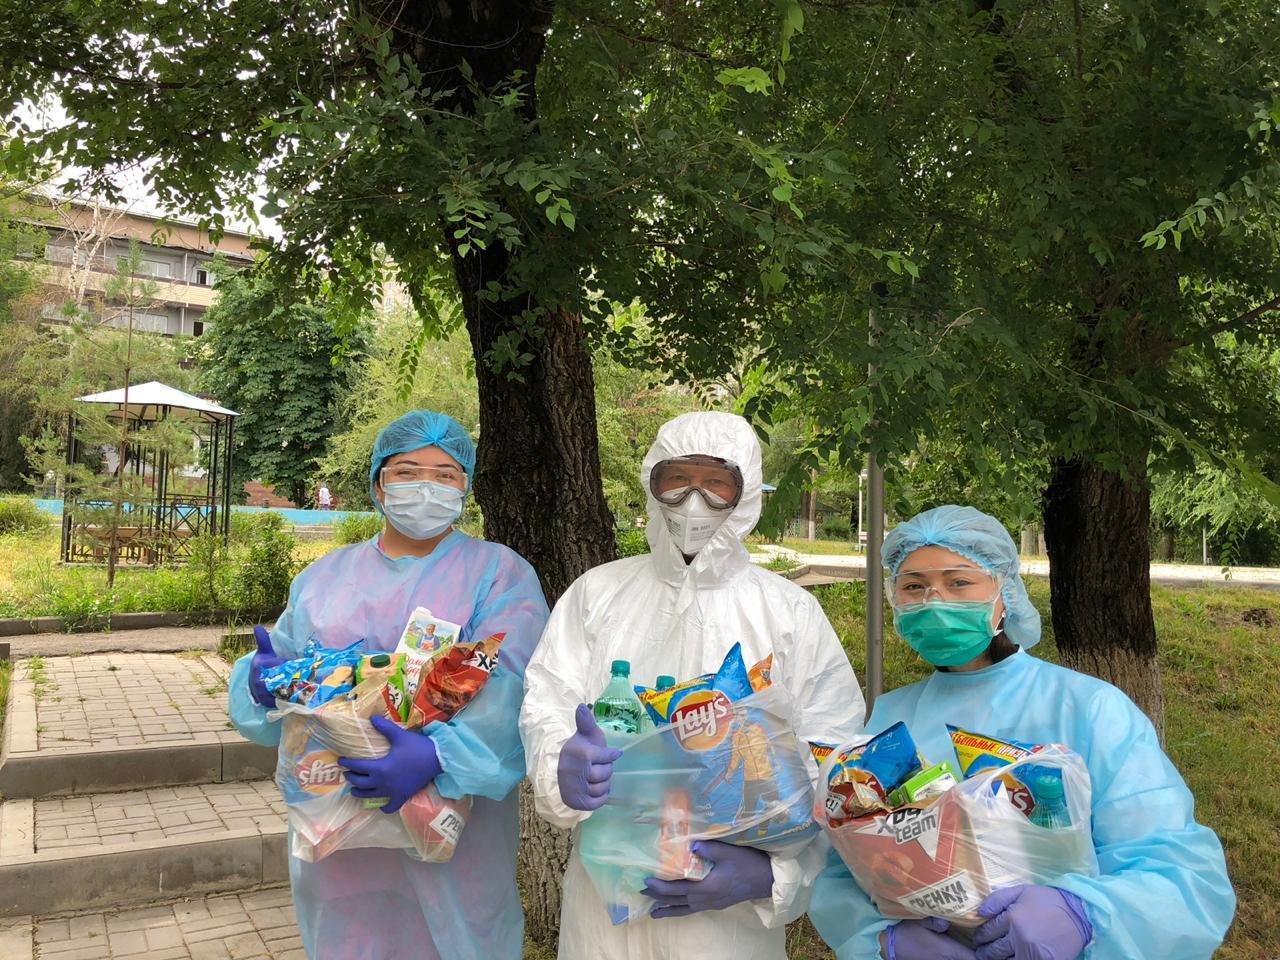 Красный Полумесяц Казахстана и PepsiCo рассказали о роли бизнеса в решении острых социальных проблем, фото-5